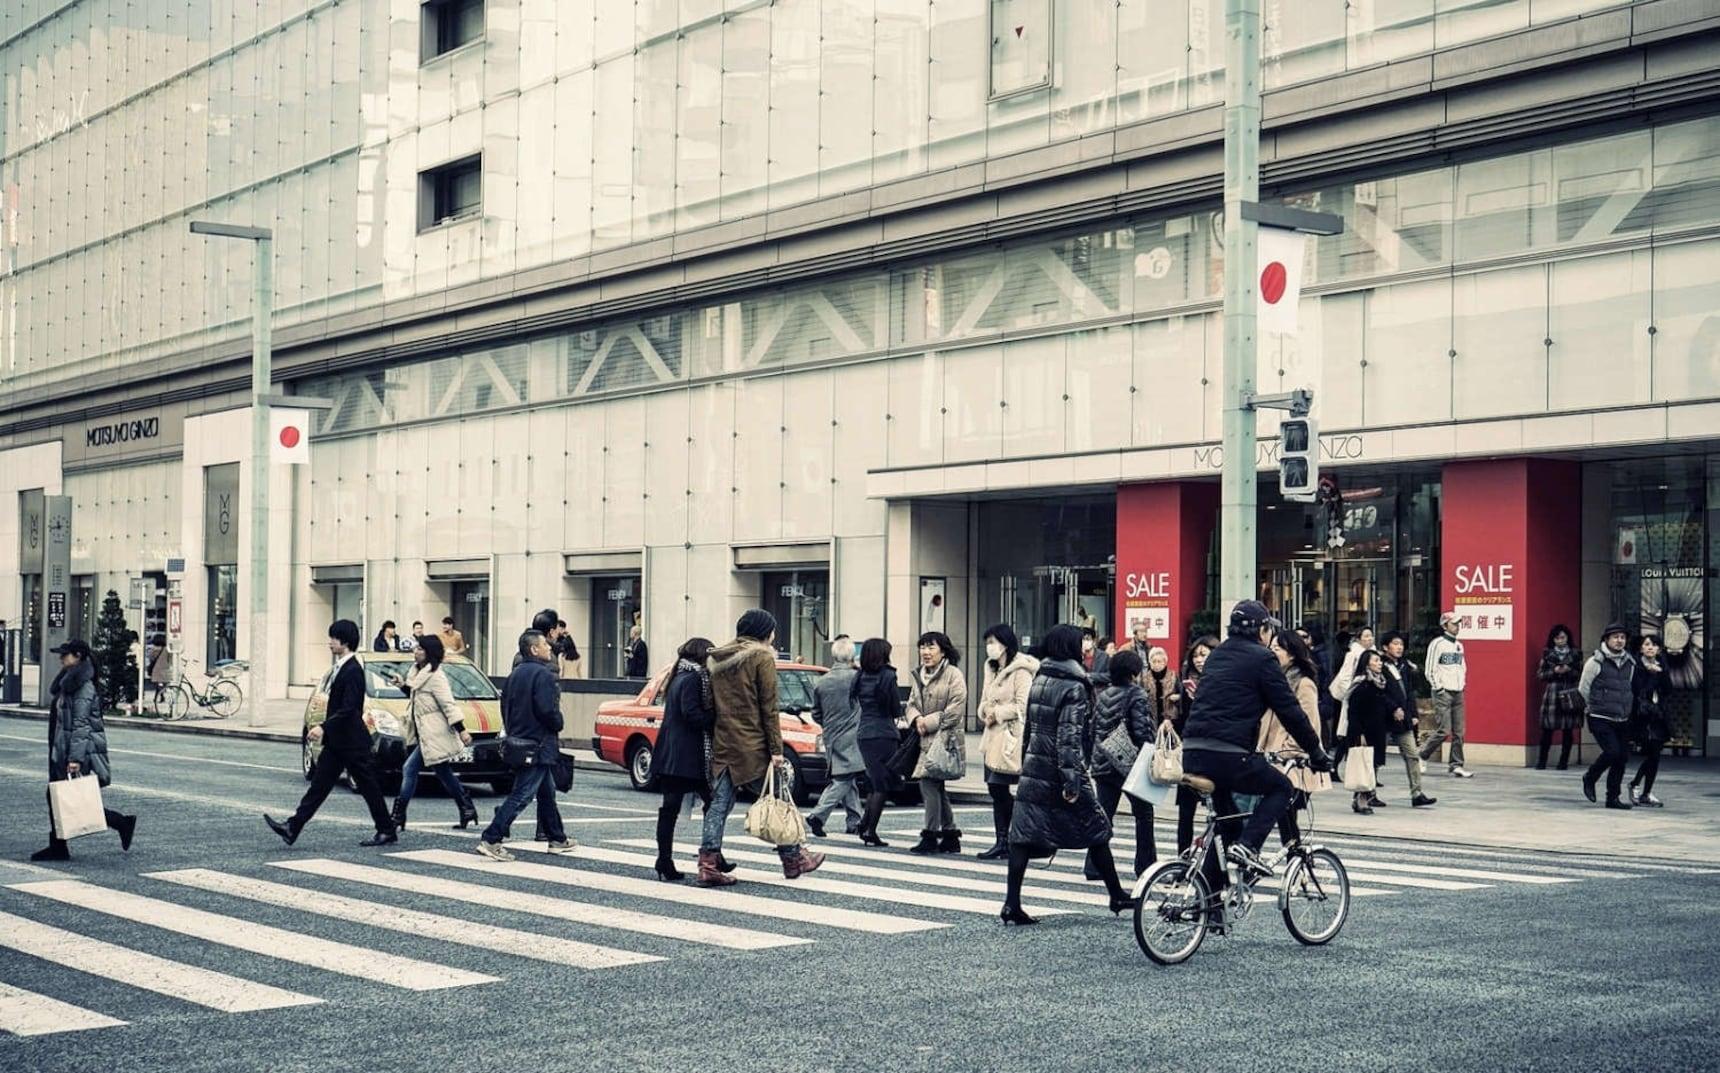 9 คาเฟ่ดูดีมีระดับในย่าน Ginza